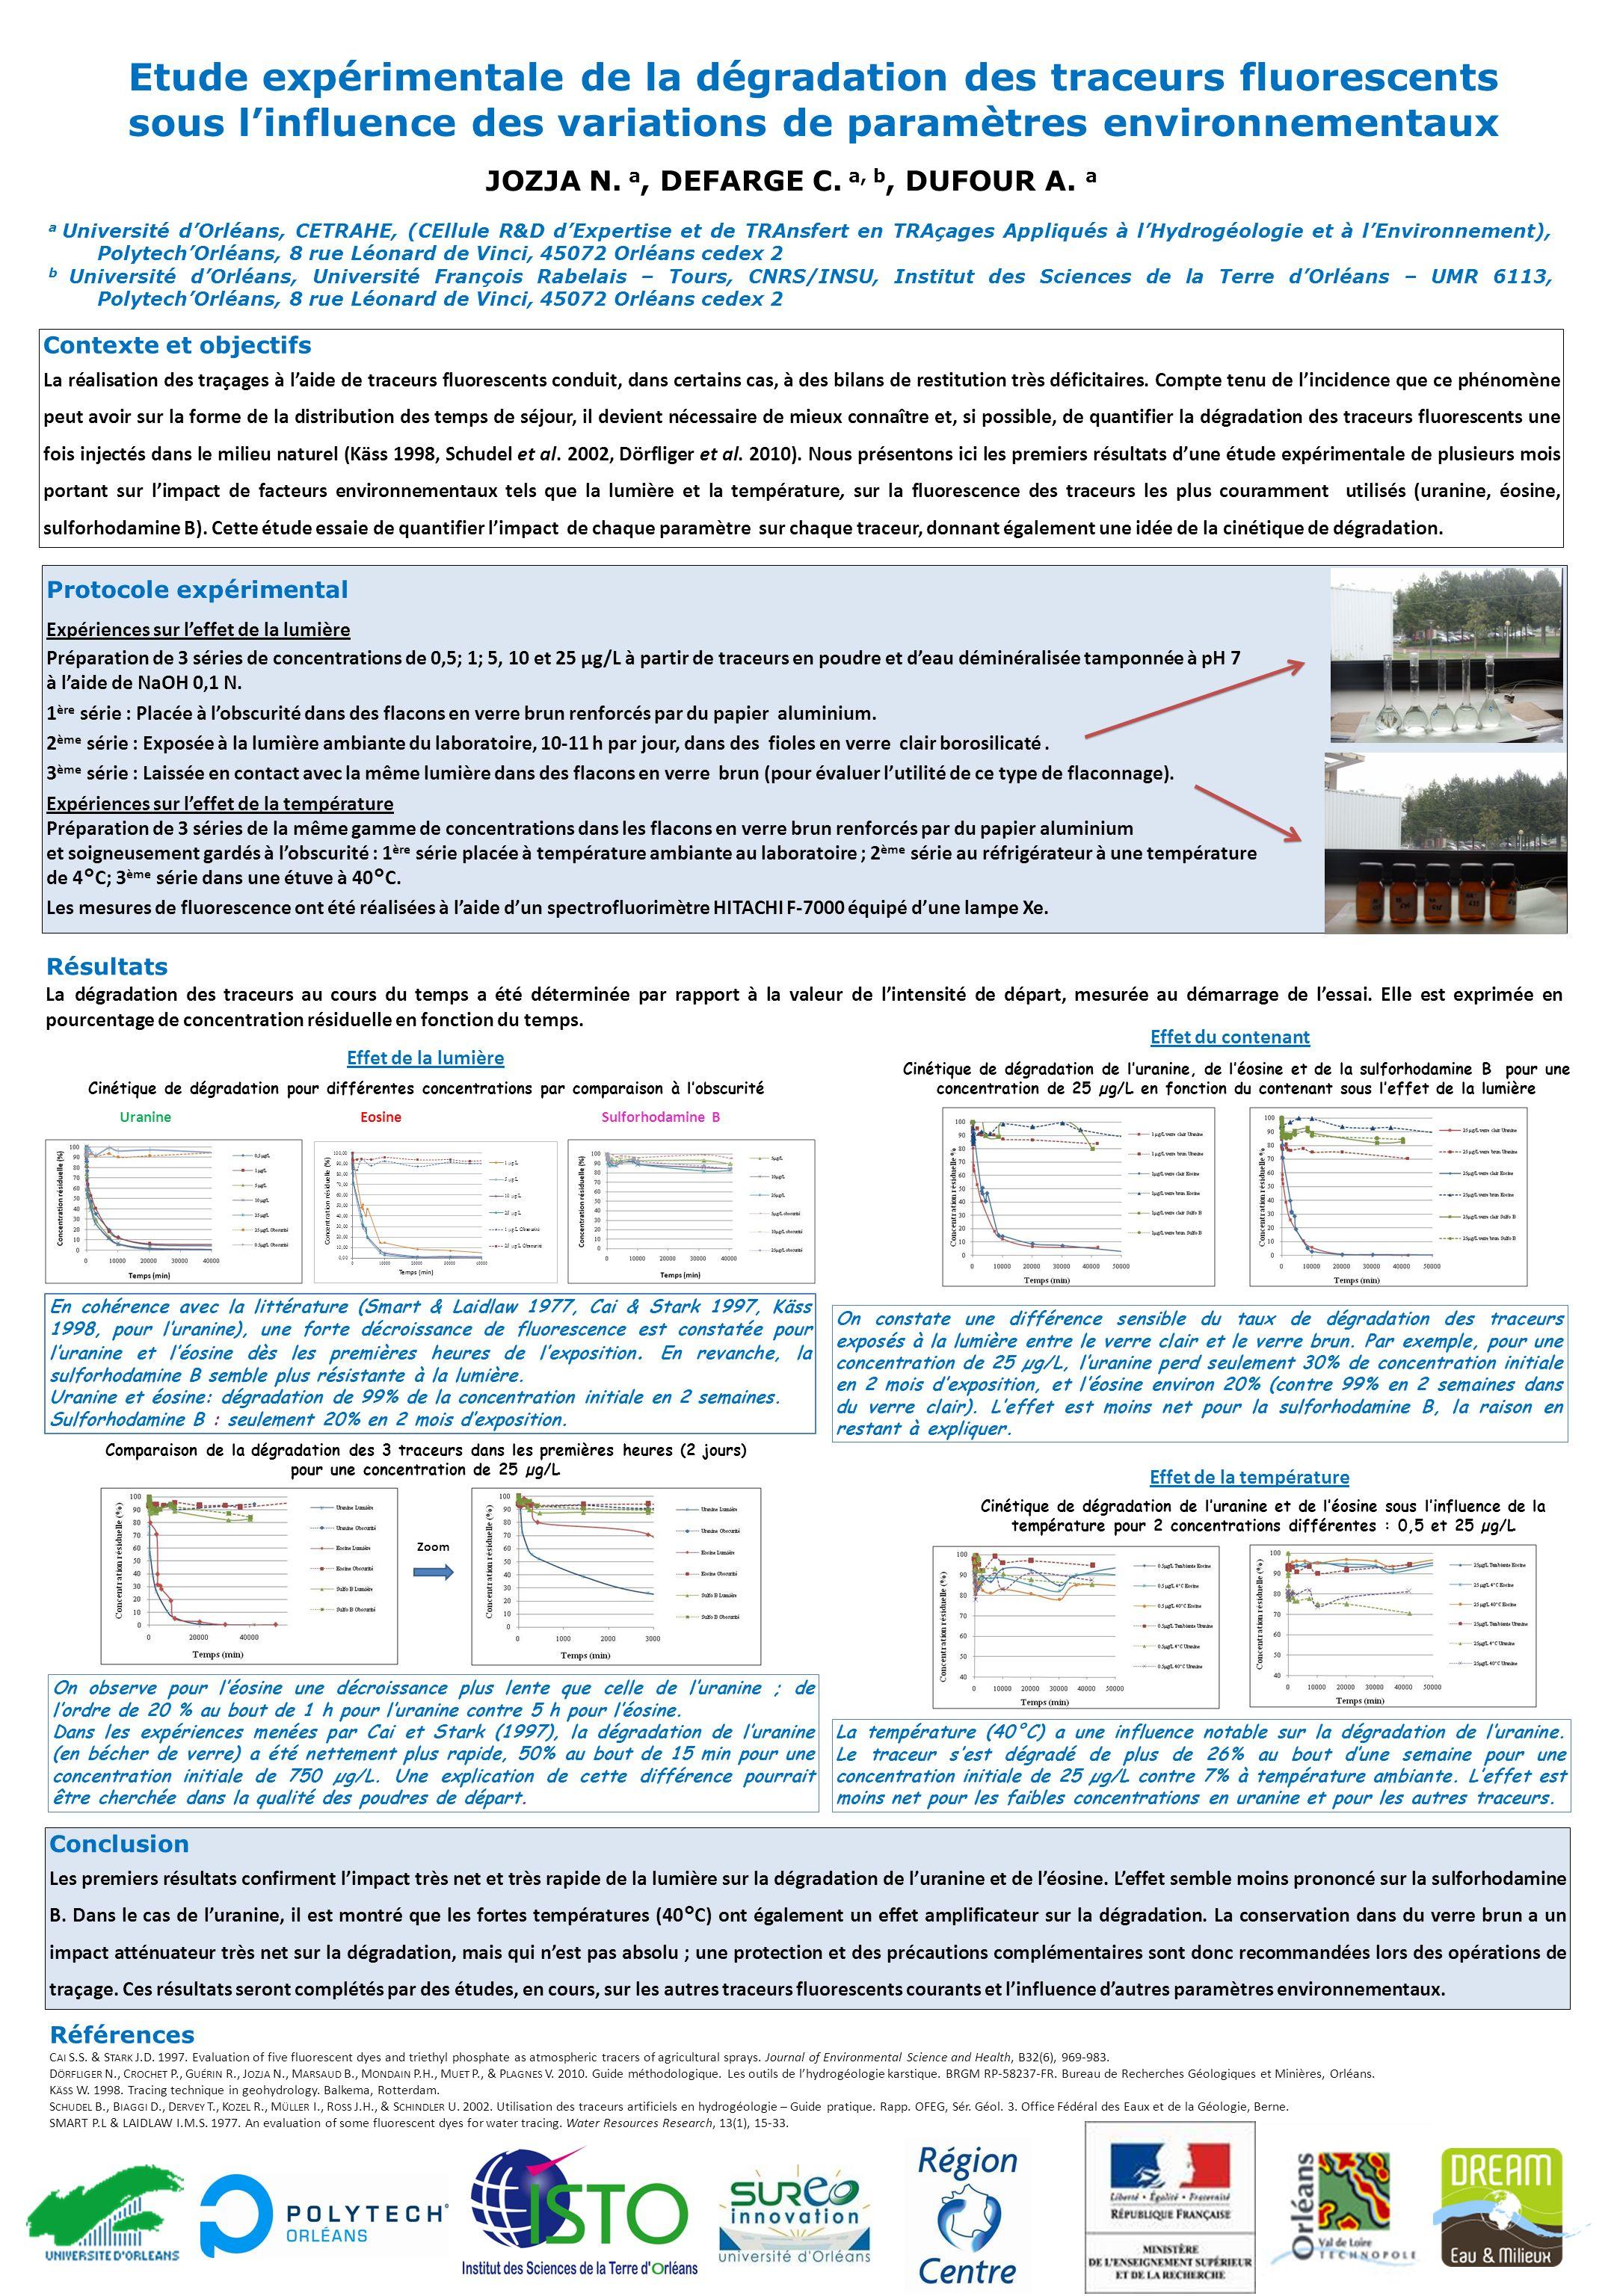 Etude expérimentale de la dégradation des traceurs fluorescents sous linfluence des variations de paramètres environnementaux JOZJA N. a, DEFARGE C. a